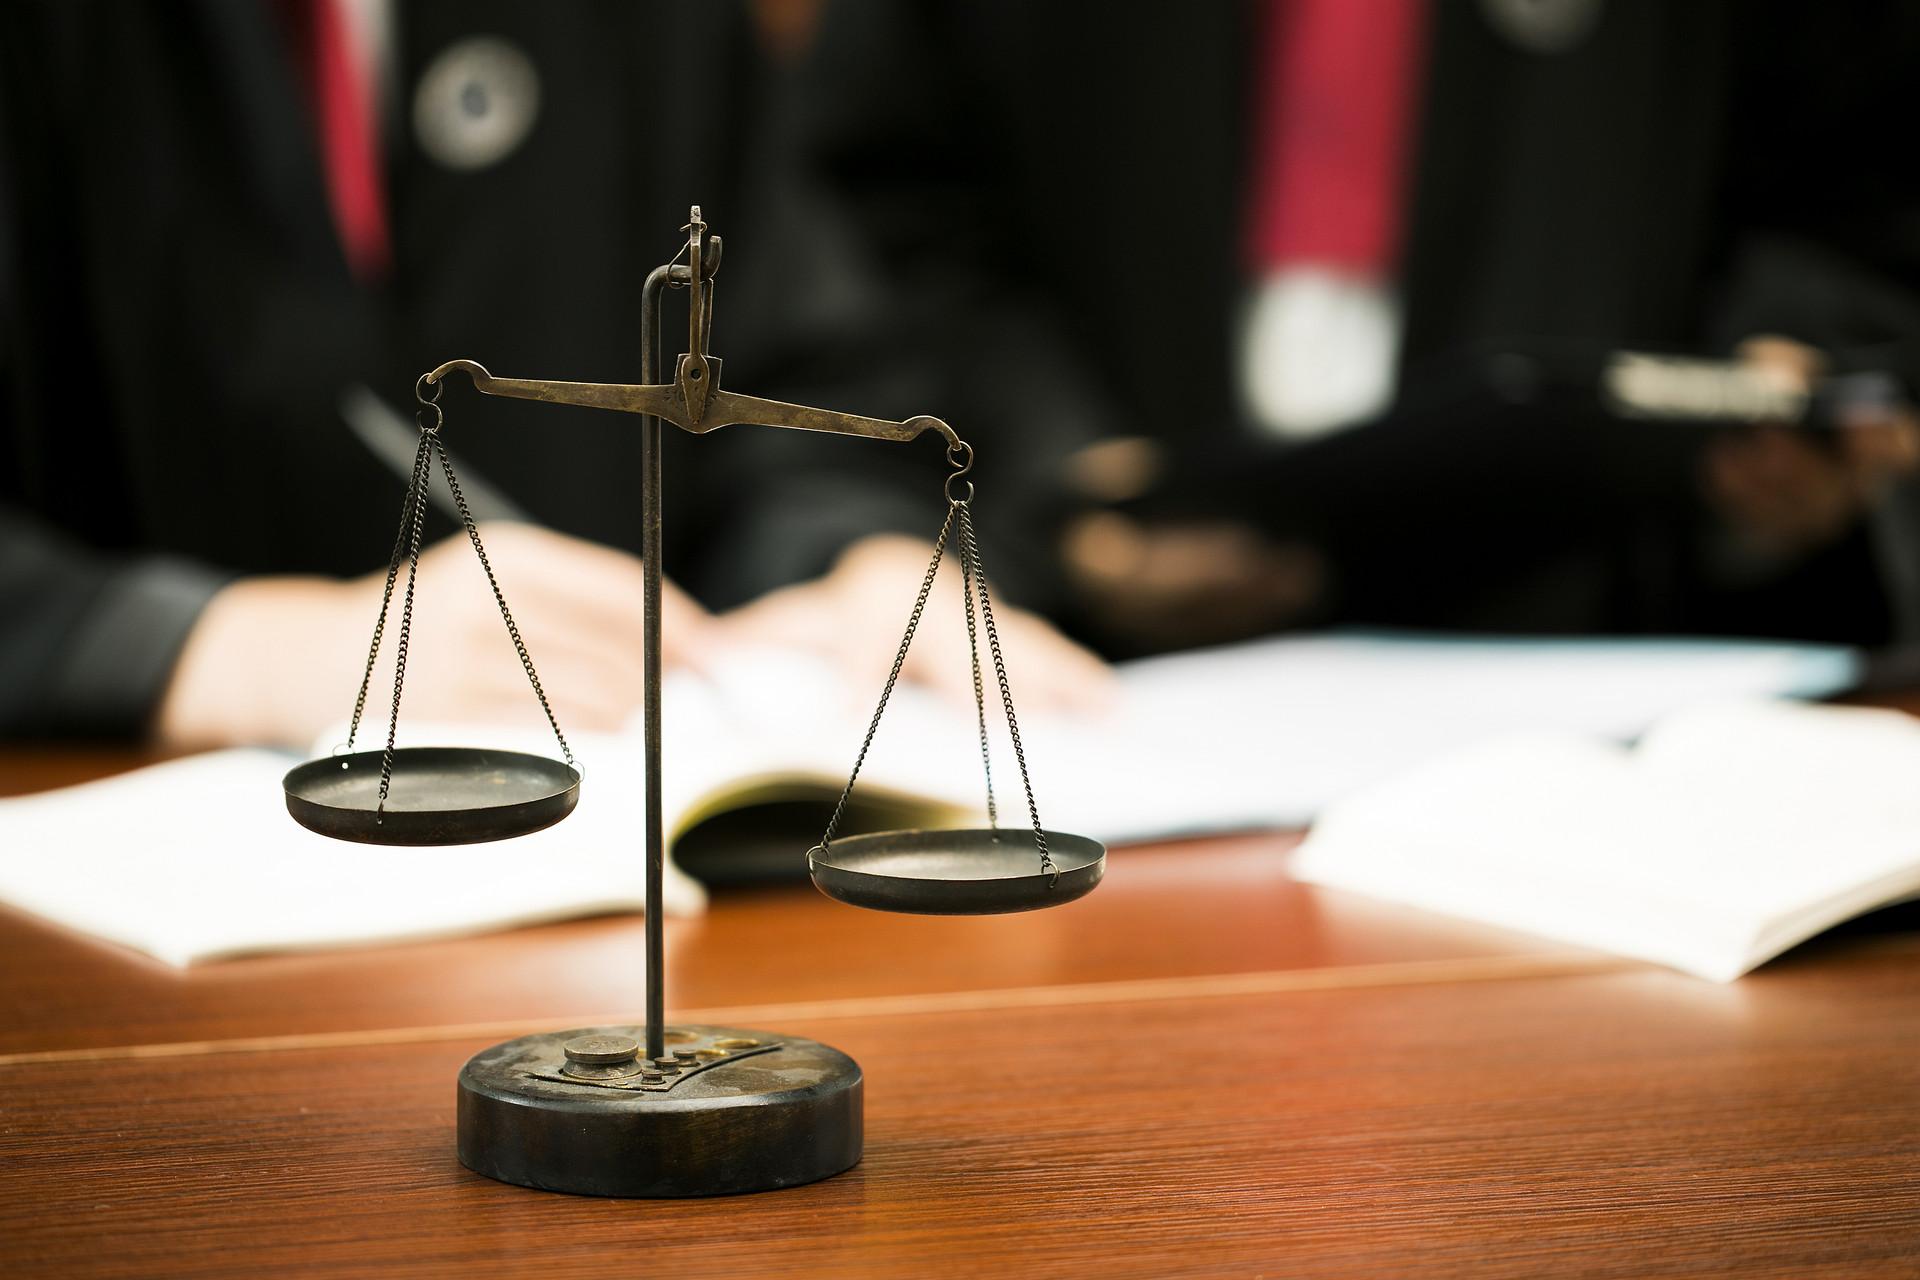 口头约定工资是否有法律效力